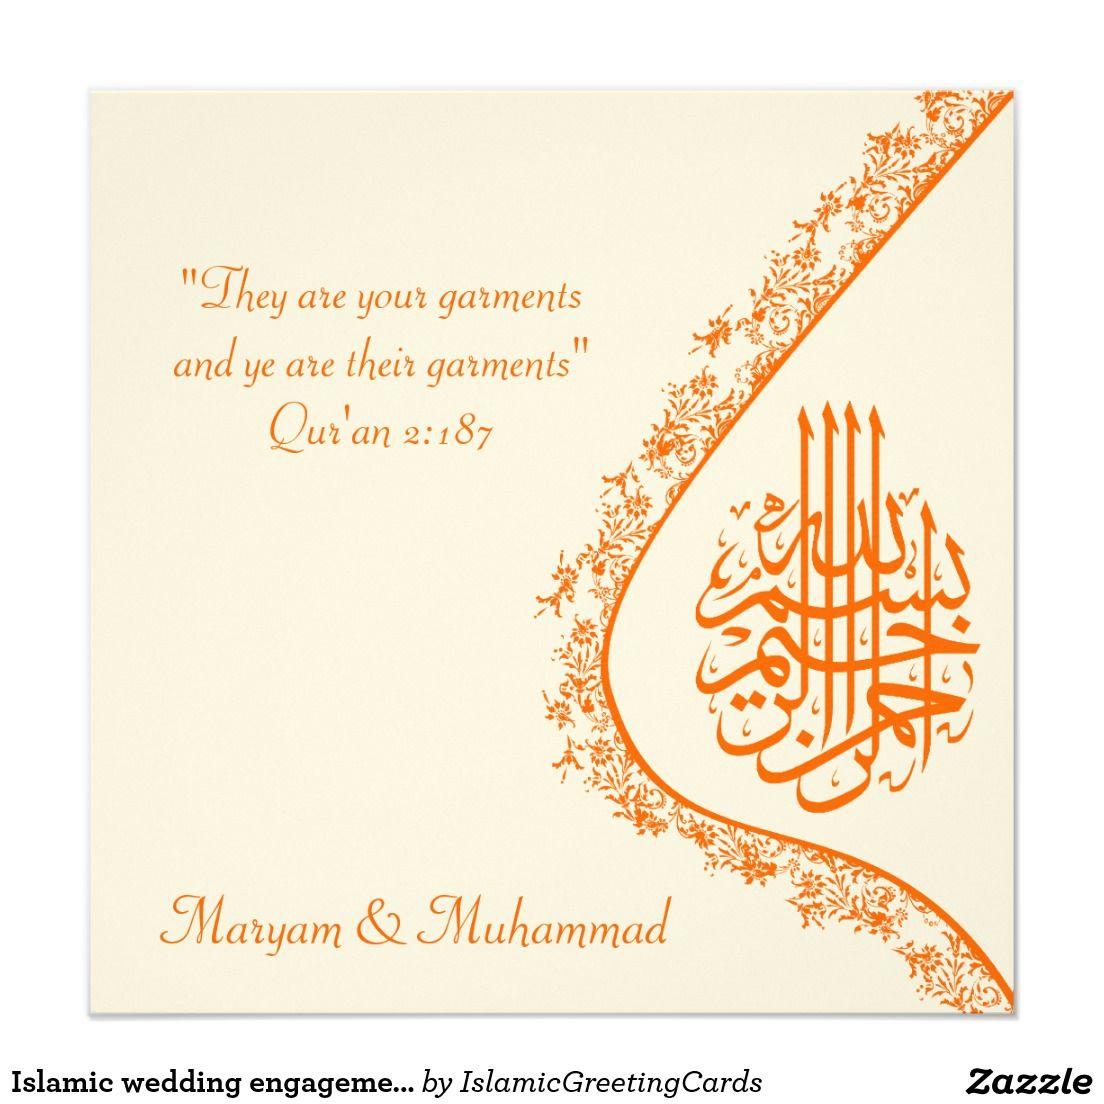 Islamic Wedding Engagement Damask Invitation Card Zazzle Com Islamic Wedding Engagement Invitation Cards Damask Invitations